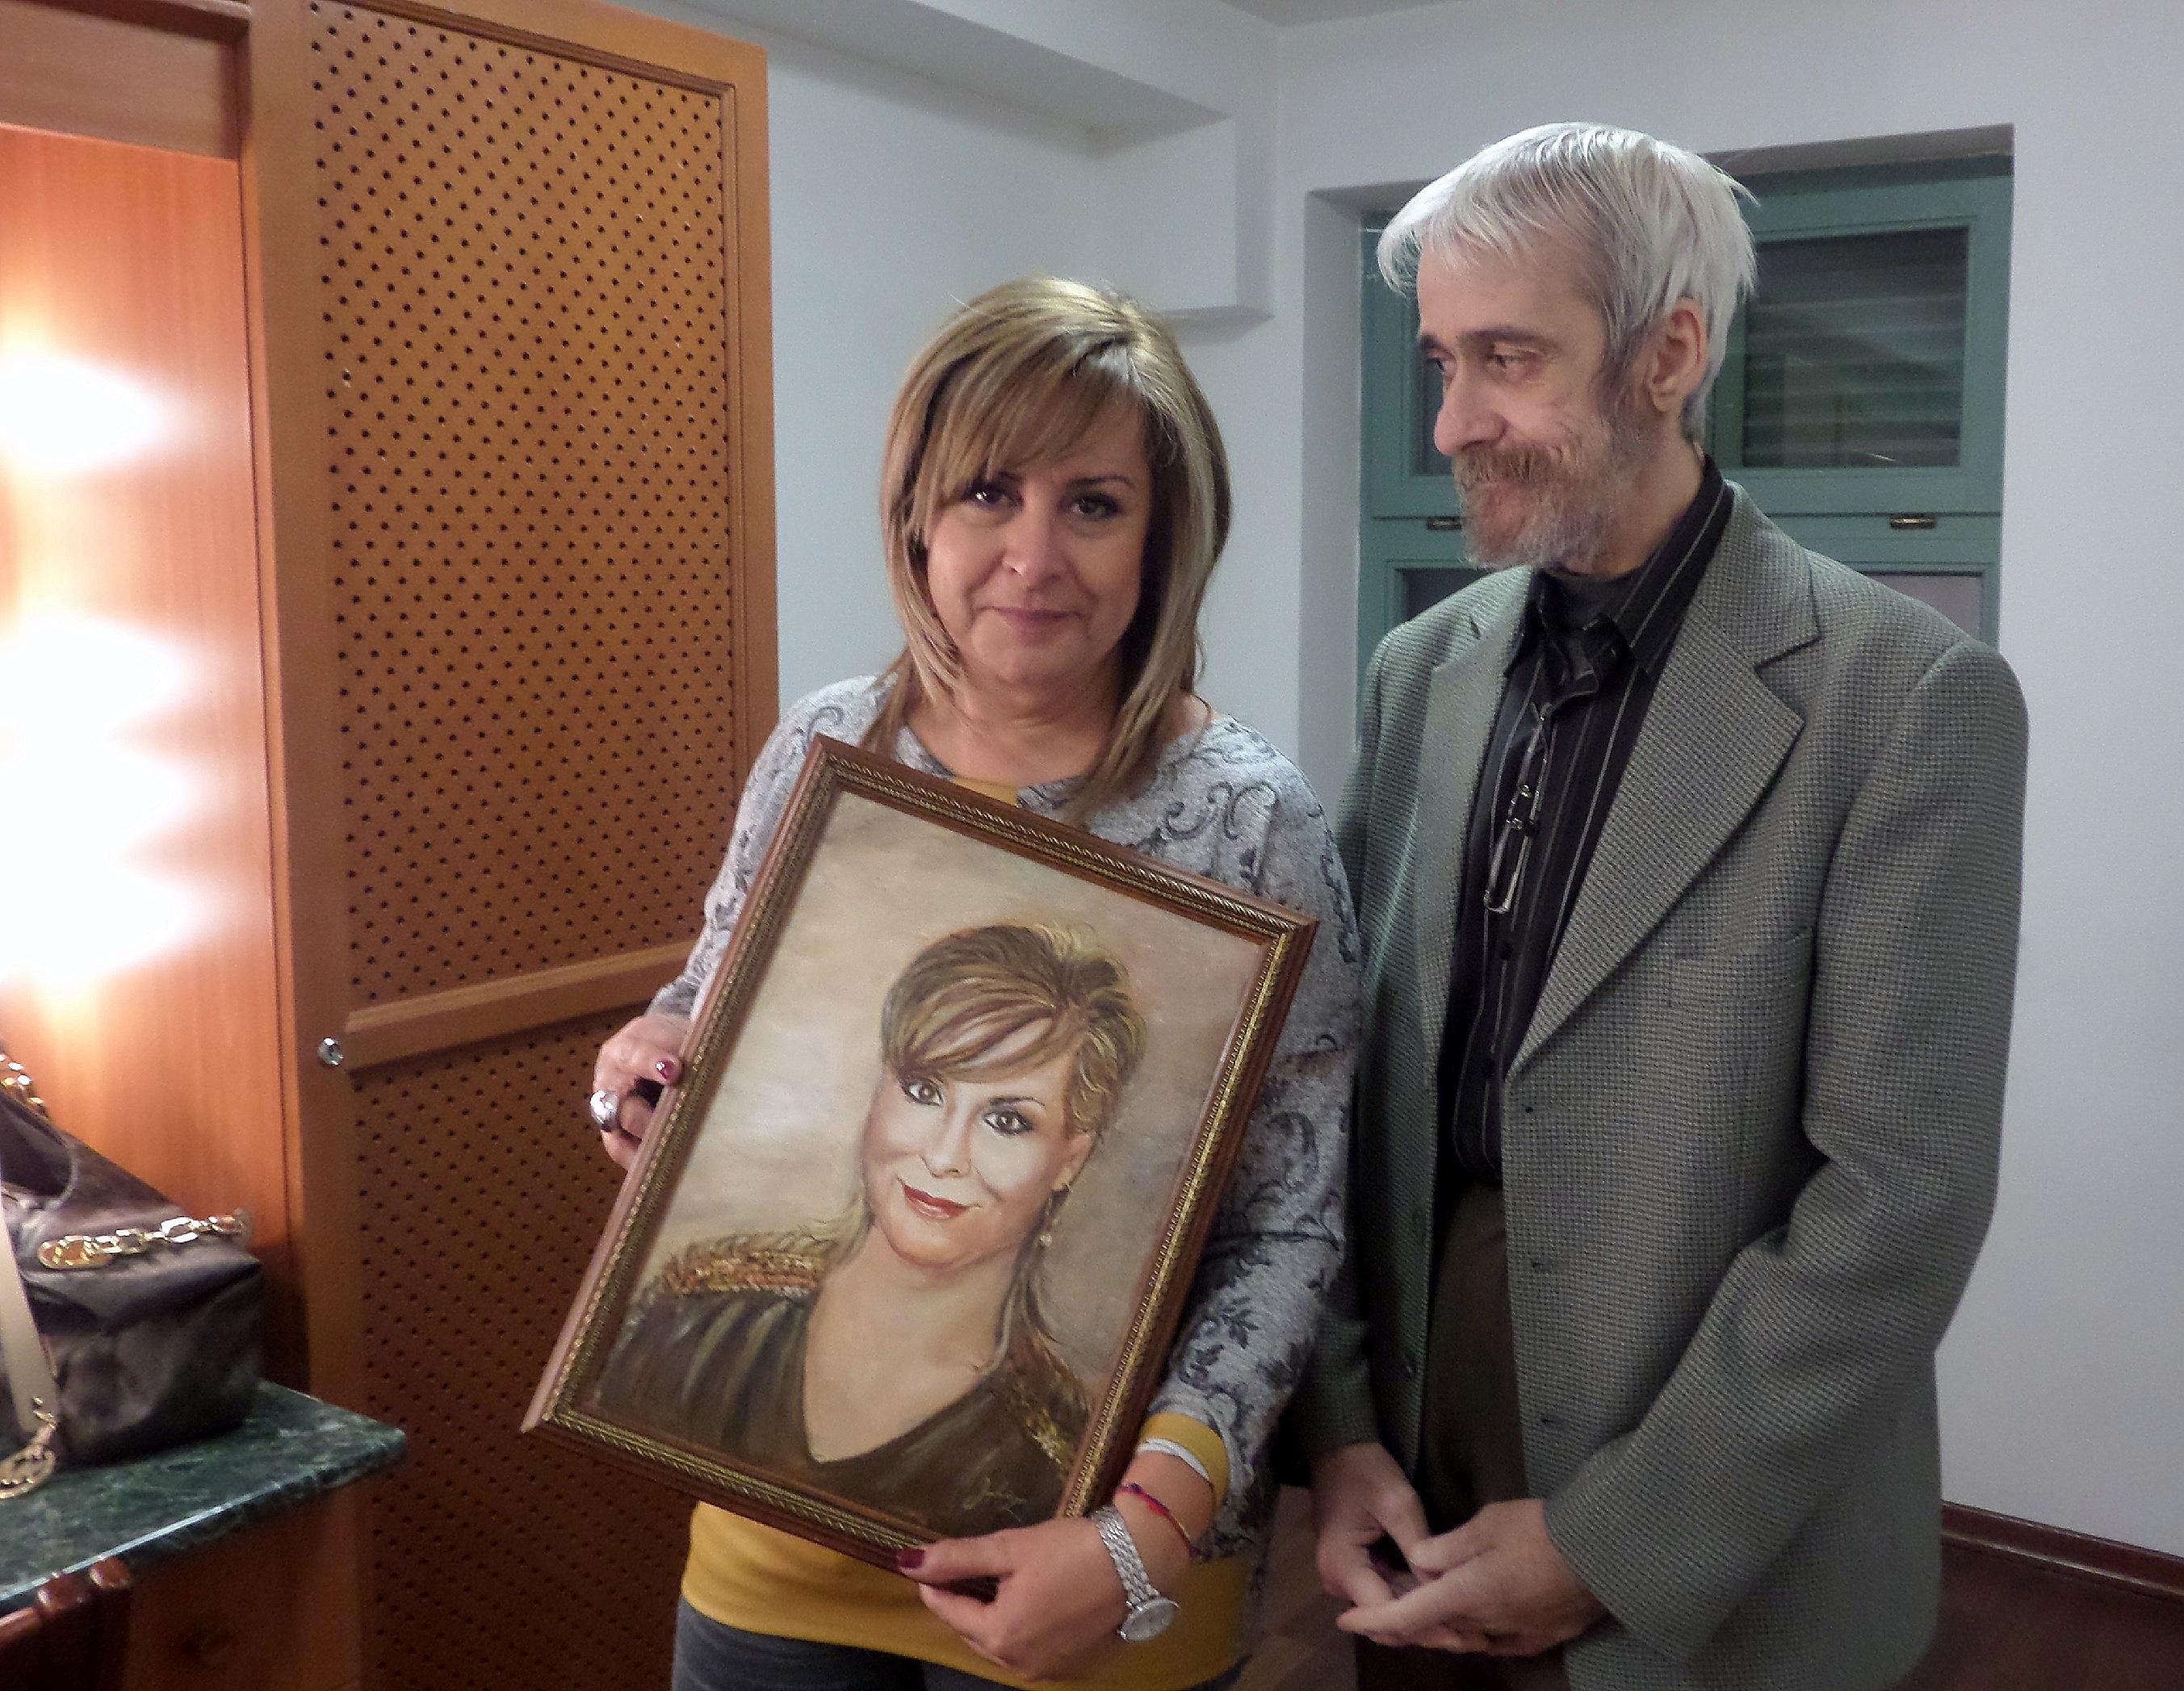 A portréval és készítőjével, Juhász Sándor miskolci festőművésszel / PTV Fotó: Vona Ildikó